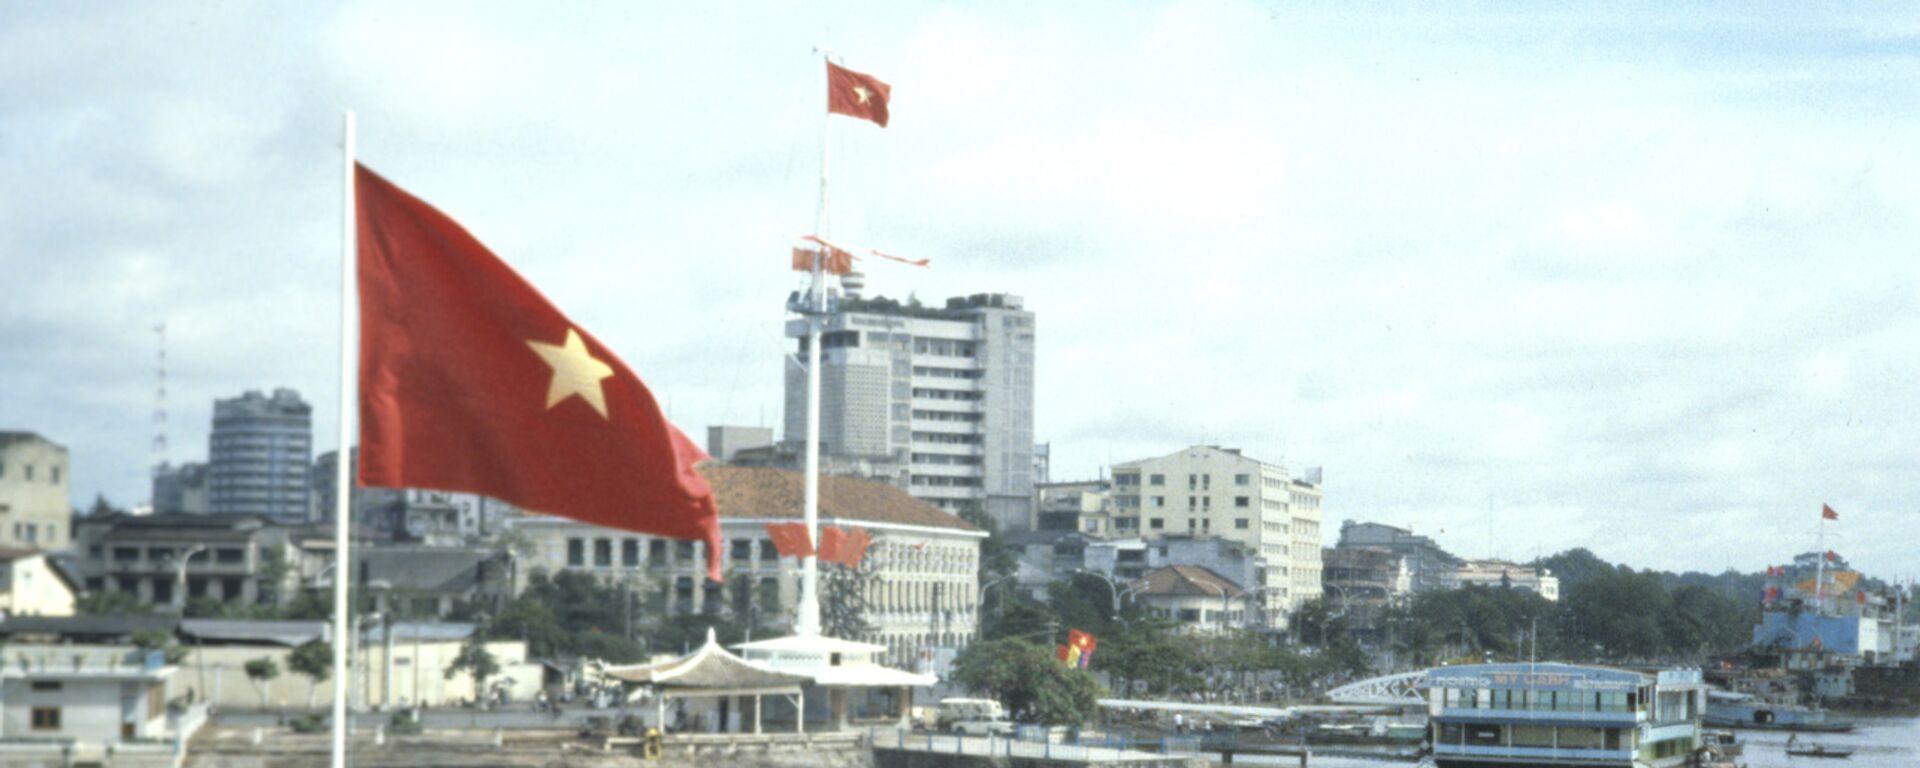 La bandiera del Vietnam - Sputnik Italia, 1920, 29.05.2021